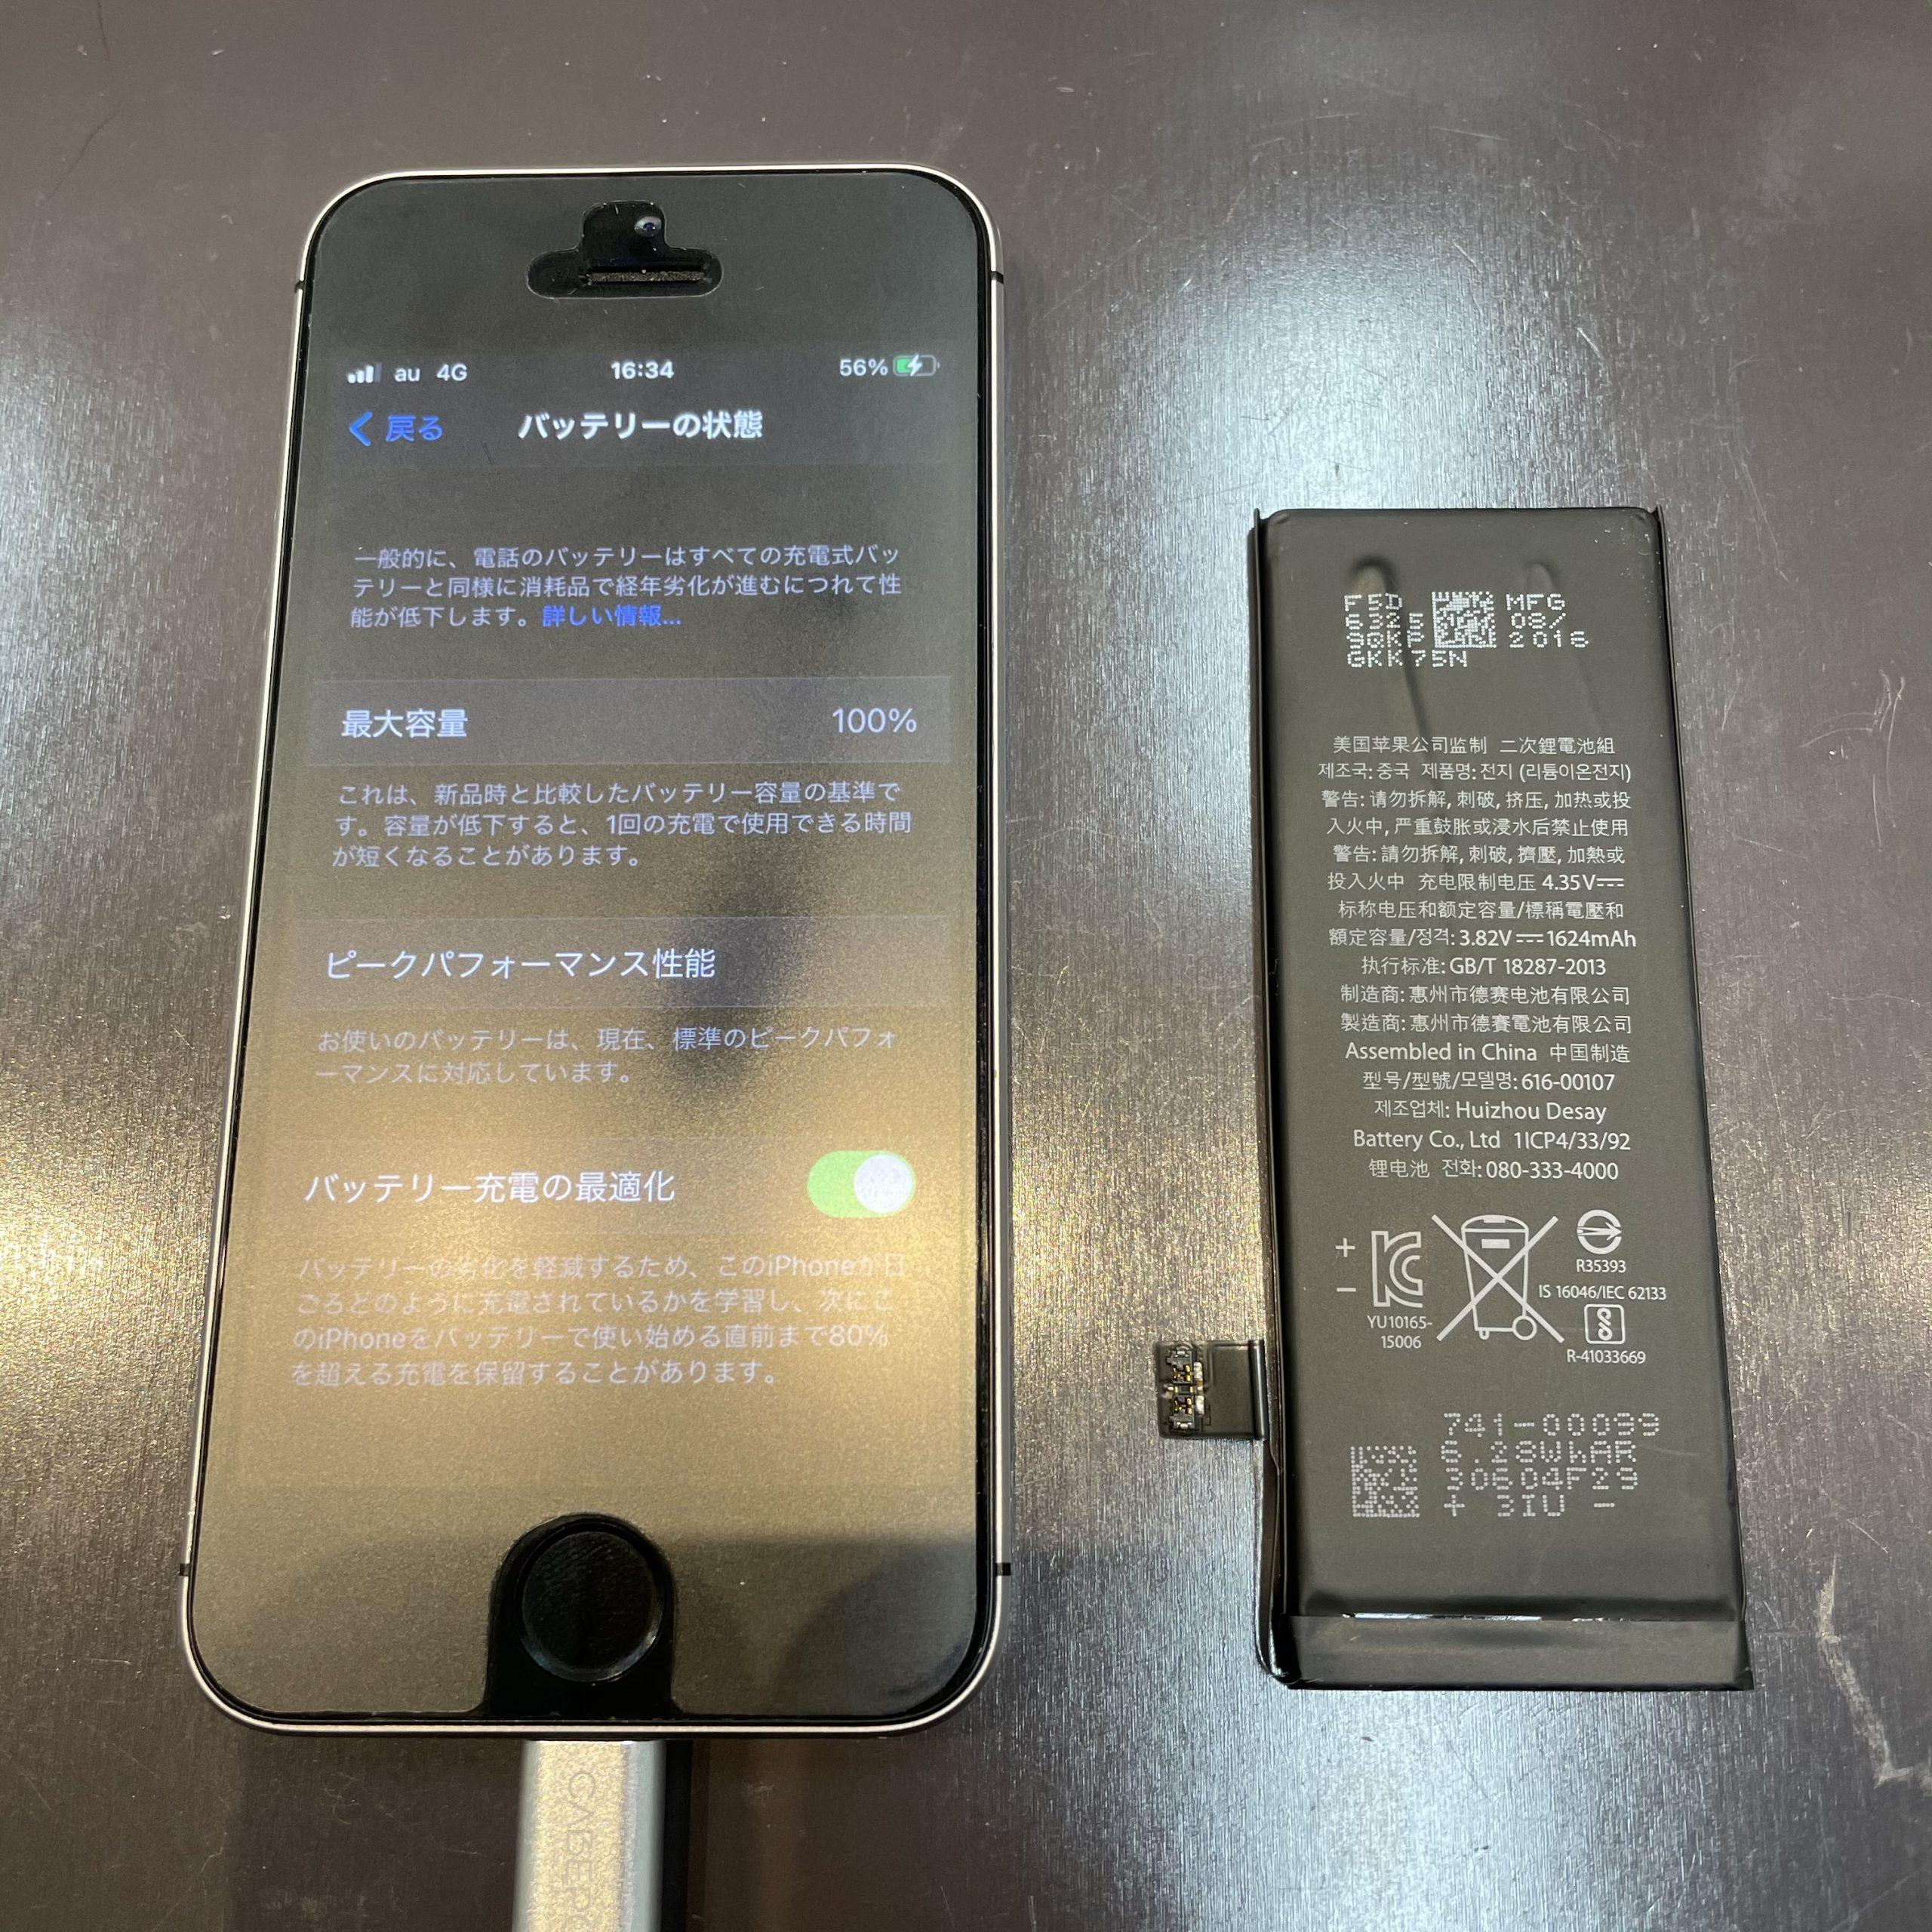 SEもバッテリー交換できるんですか❓【iPhoneSE|神埼市よりご来店】